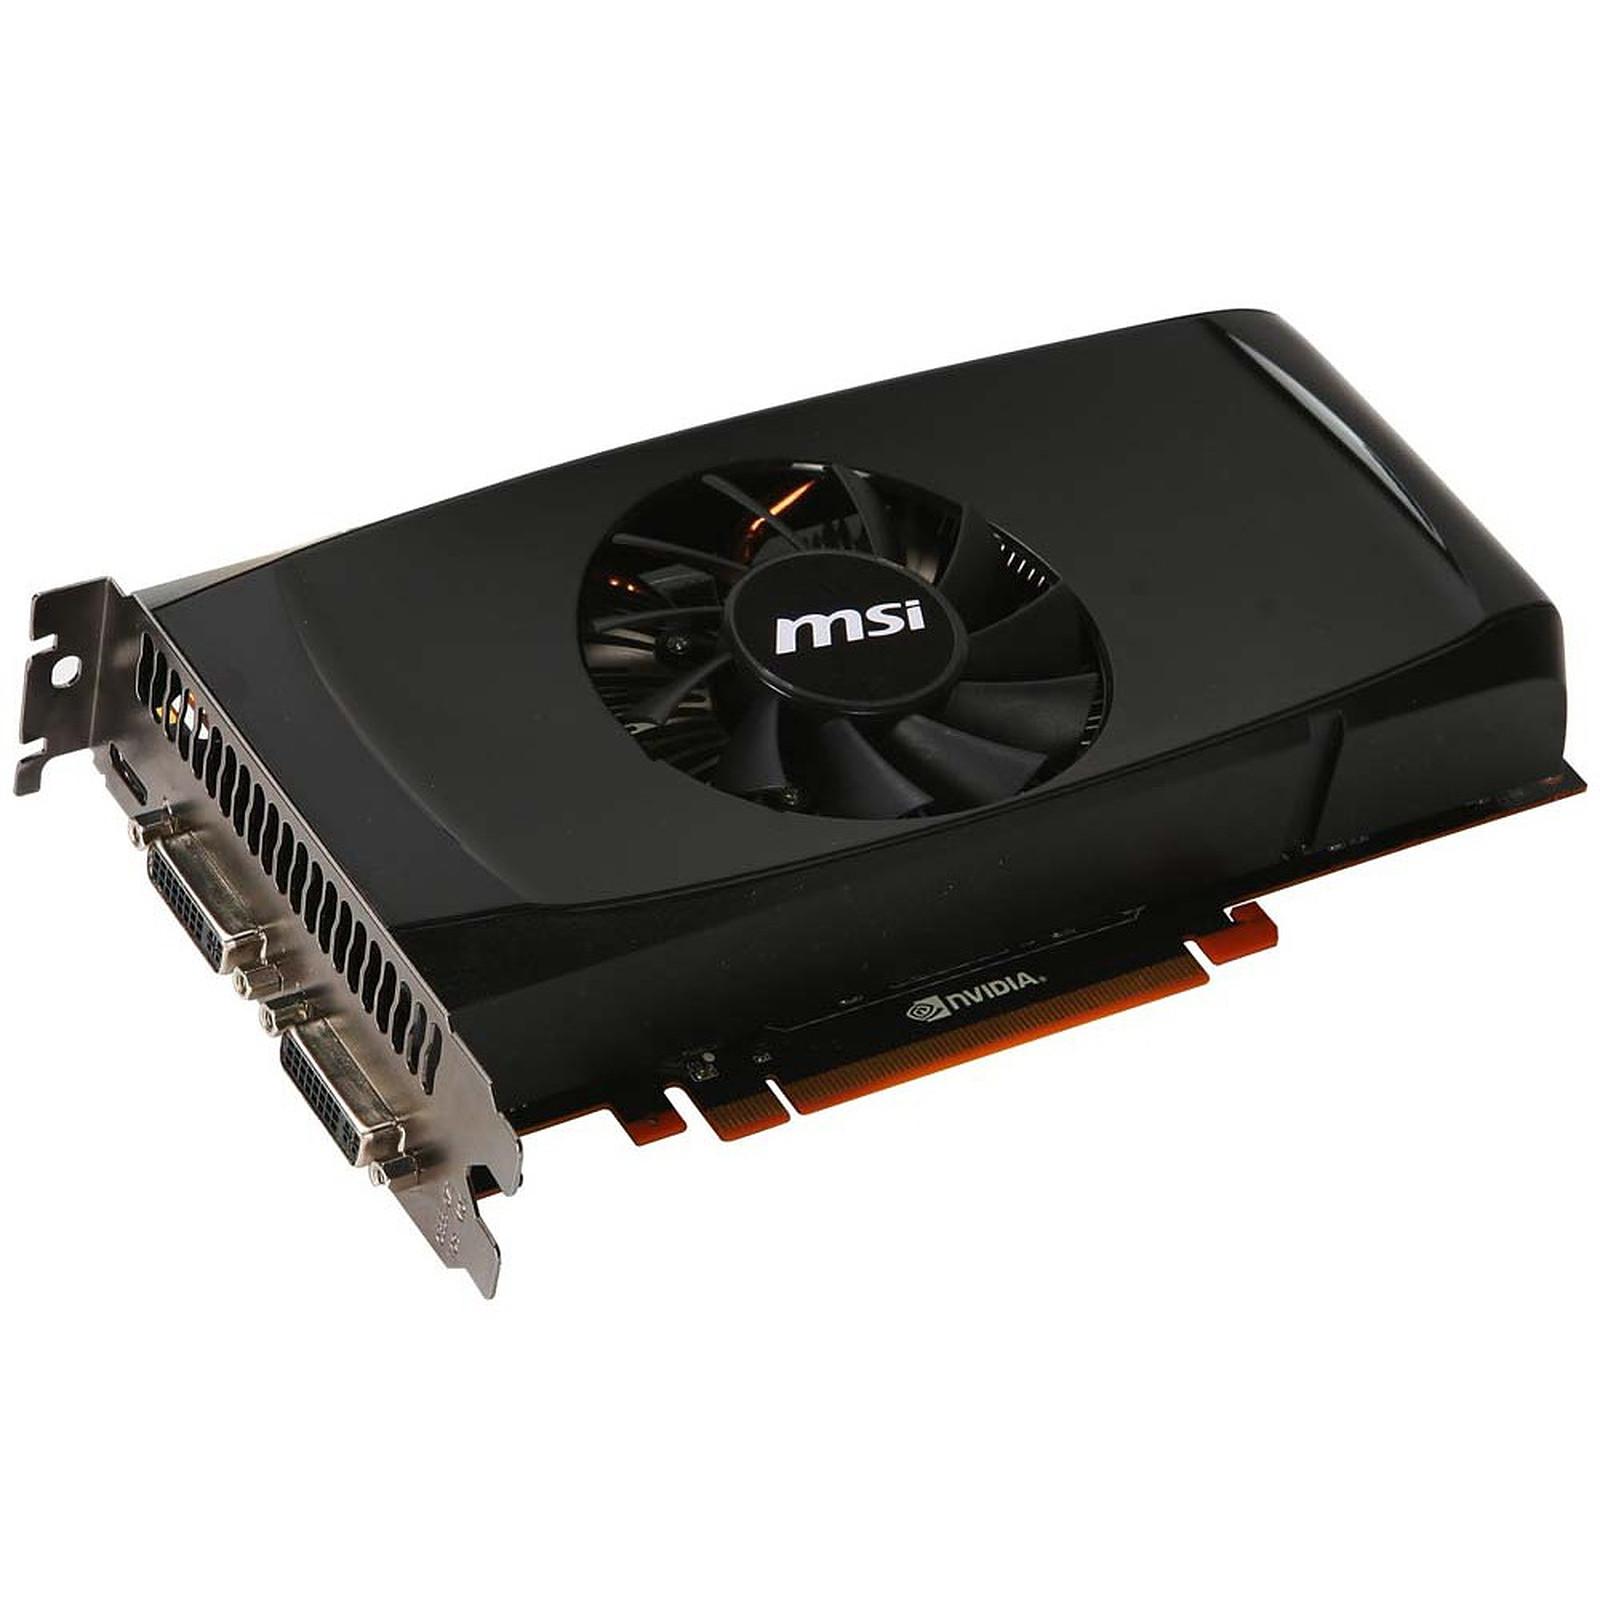 MSI N460GTX-M2D768D5